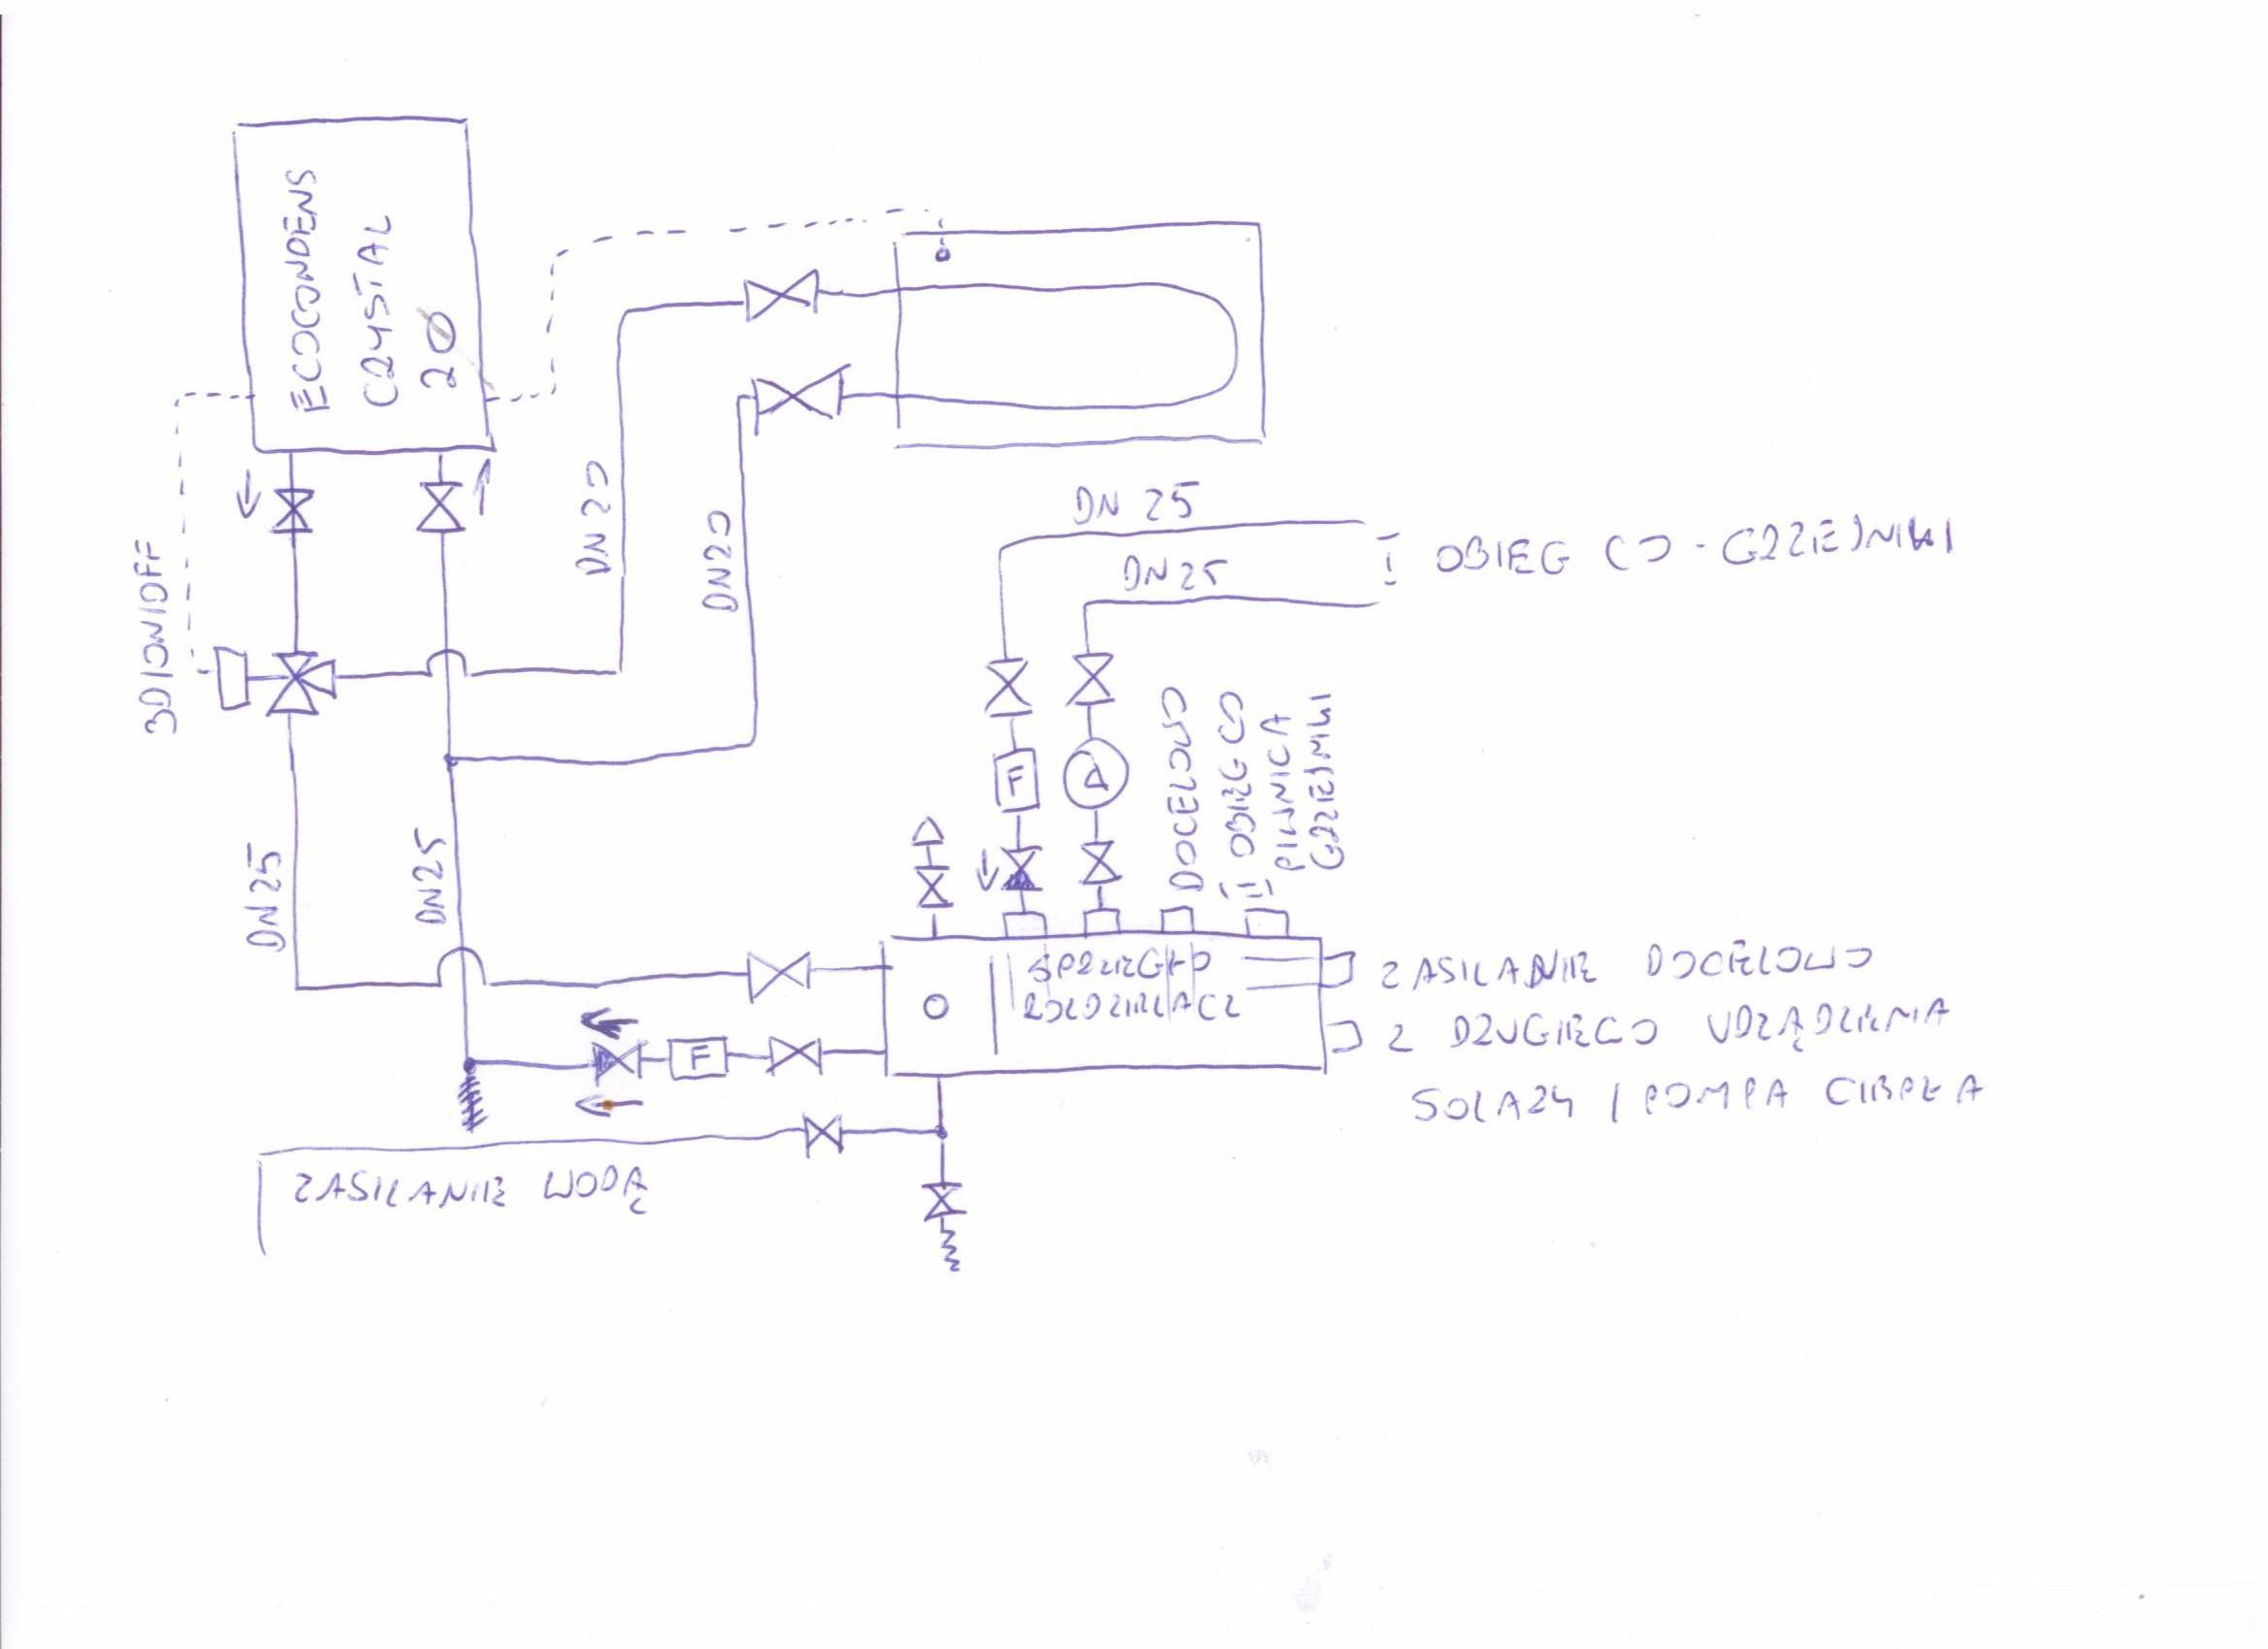 Termet Ecocondens Crystal 20 - Schemat instalacji i dobor sterownika obieg�w